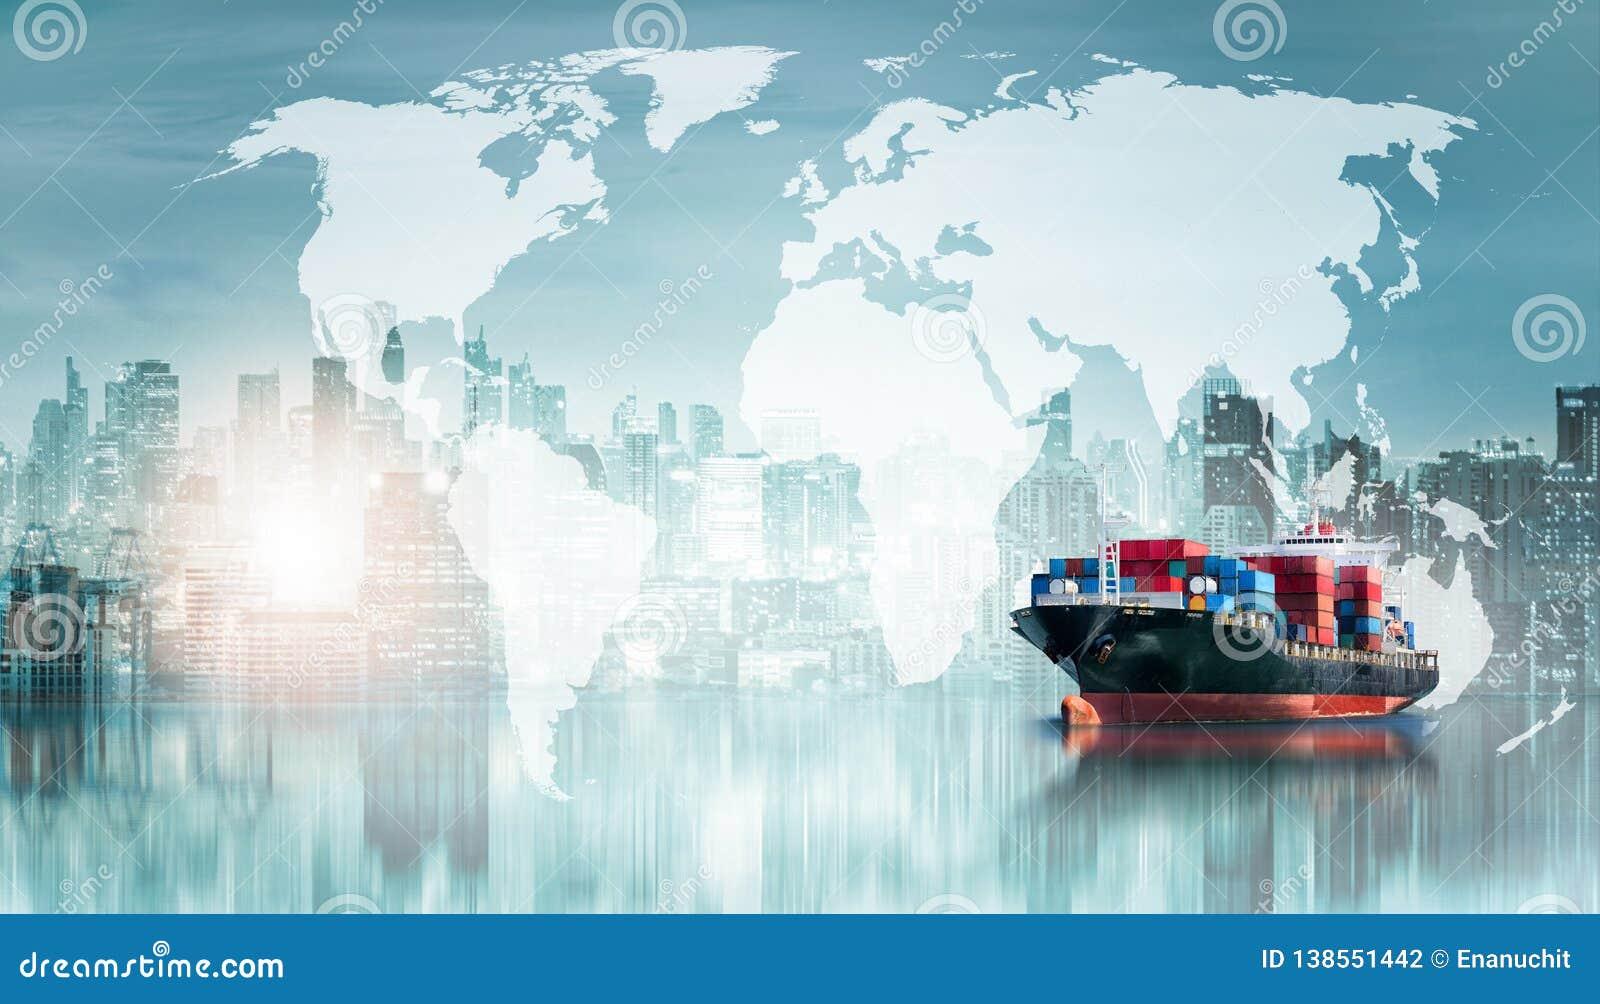 Σφαιρικά υπόβαθρο εισαγωγής-εξαγωγής επιχειρησιακών διοικητικών μεριμνών και σκάφος φορτίου φορτίου εμπορευματοκιβωτίων